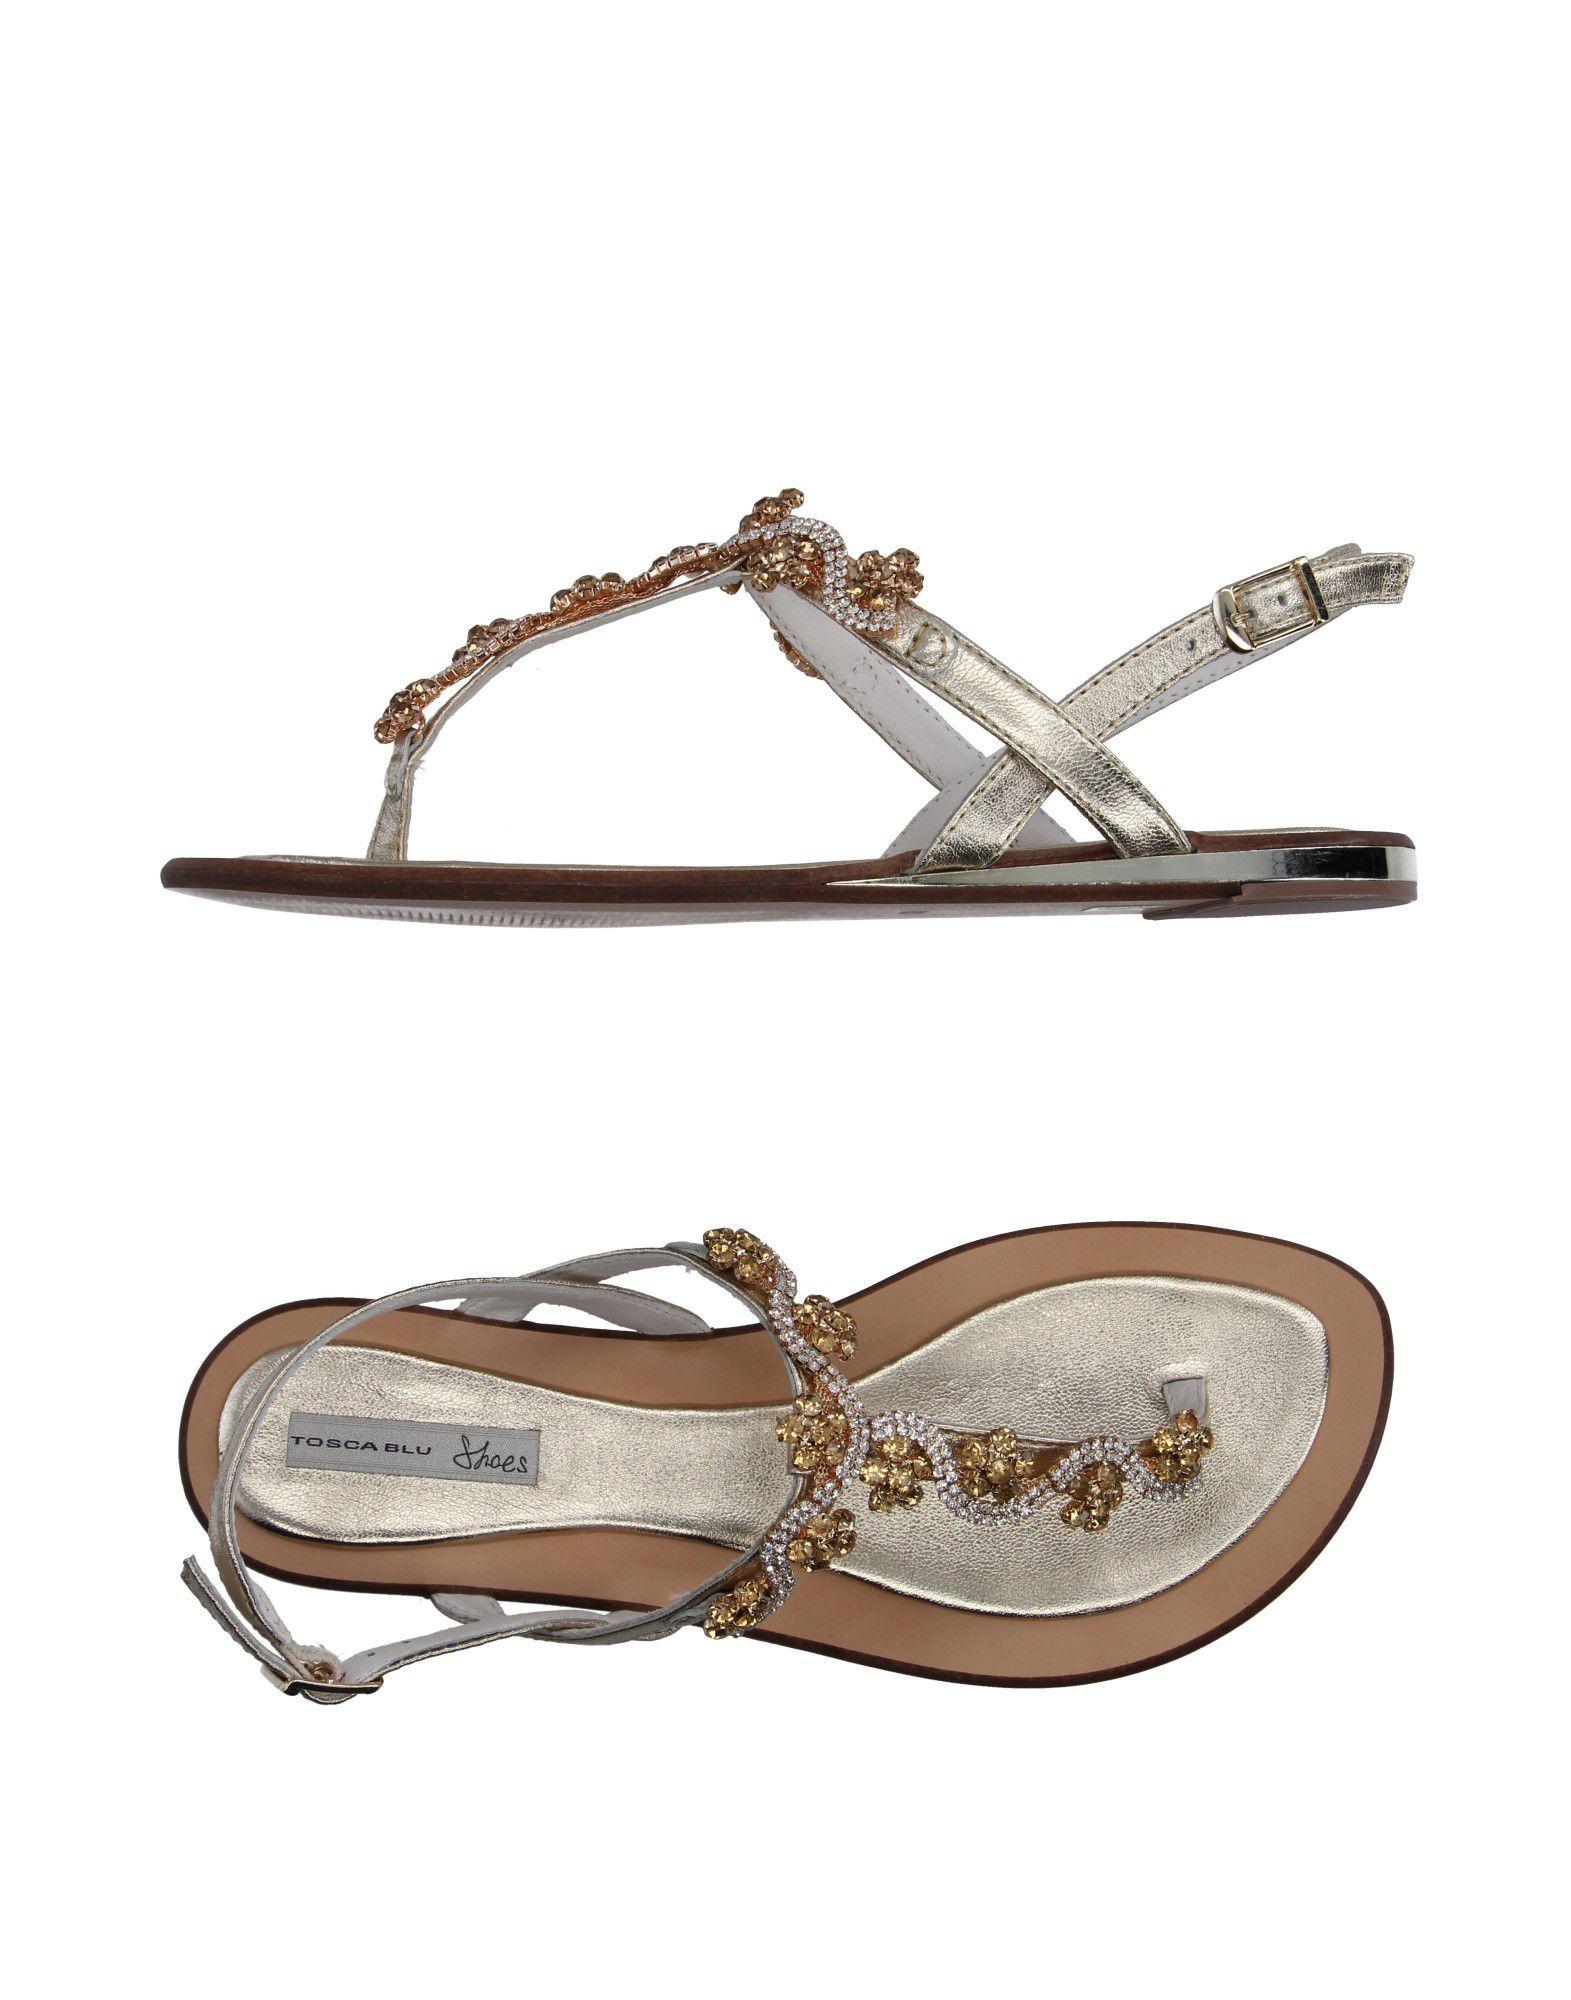 Tosca Blu Shoes Flip Flops - Women Flops Tosca Blu Shoes Flip Flops Women online on  Australia - 11117827VU 1a85c5